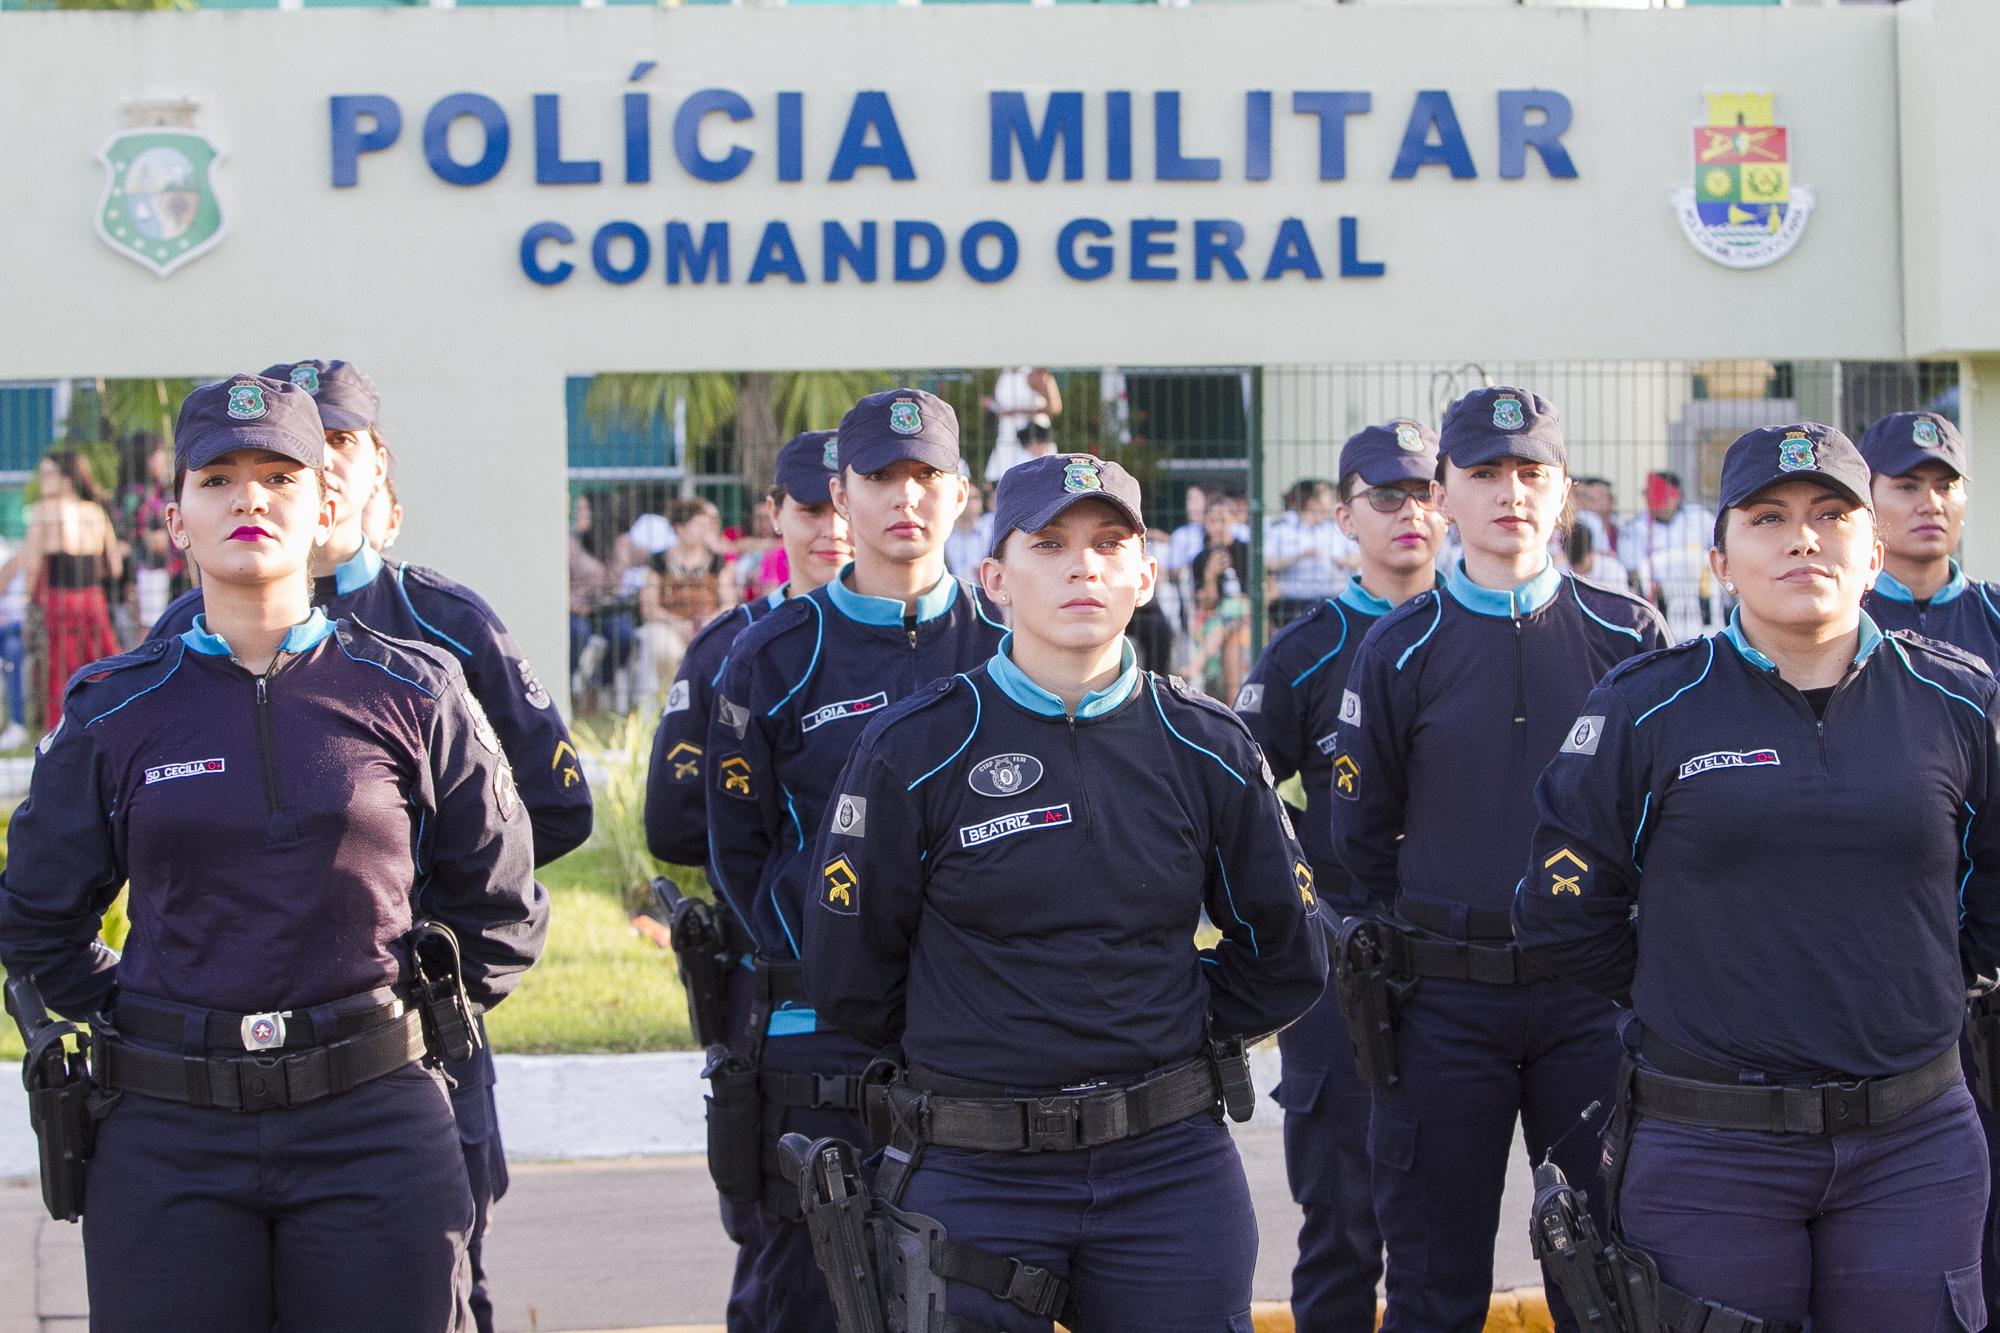 Na comemoração dos 25 anos do policiamento feminino, governador anuncia que o Ceará terá sua primeira coronel mulher